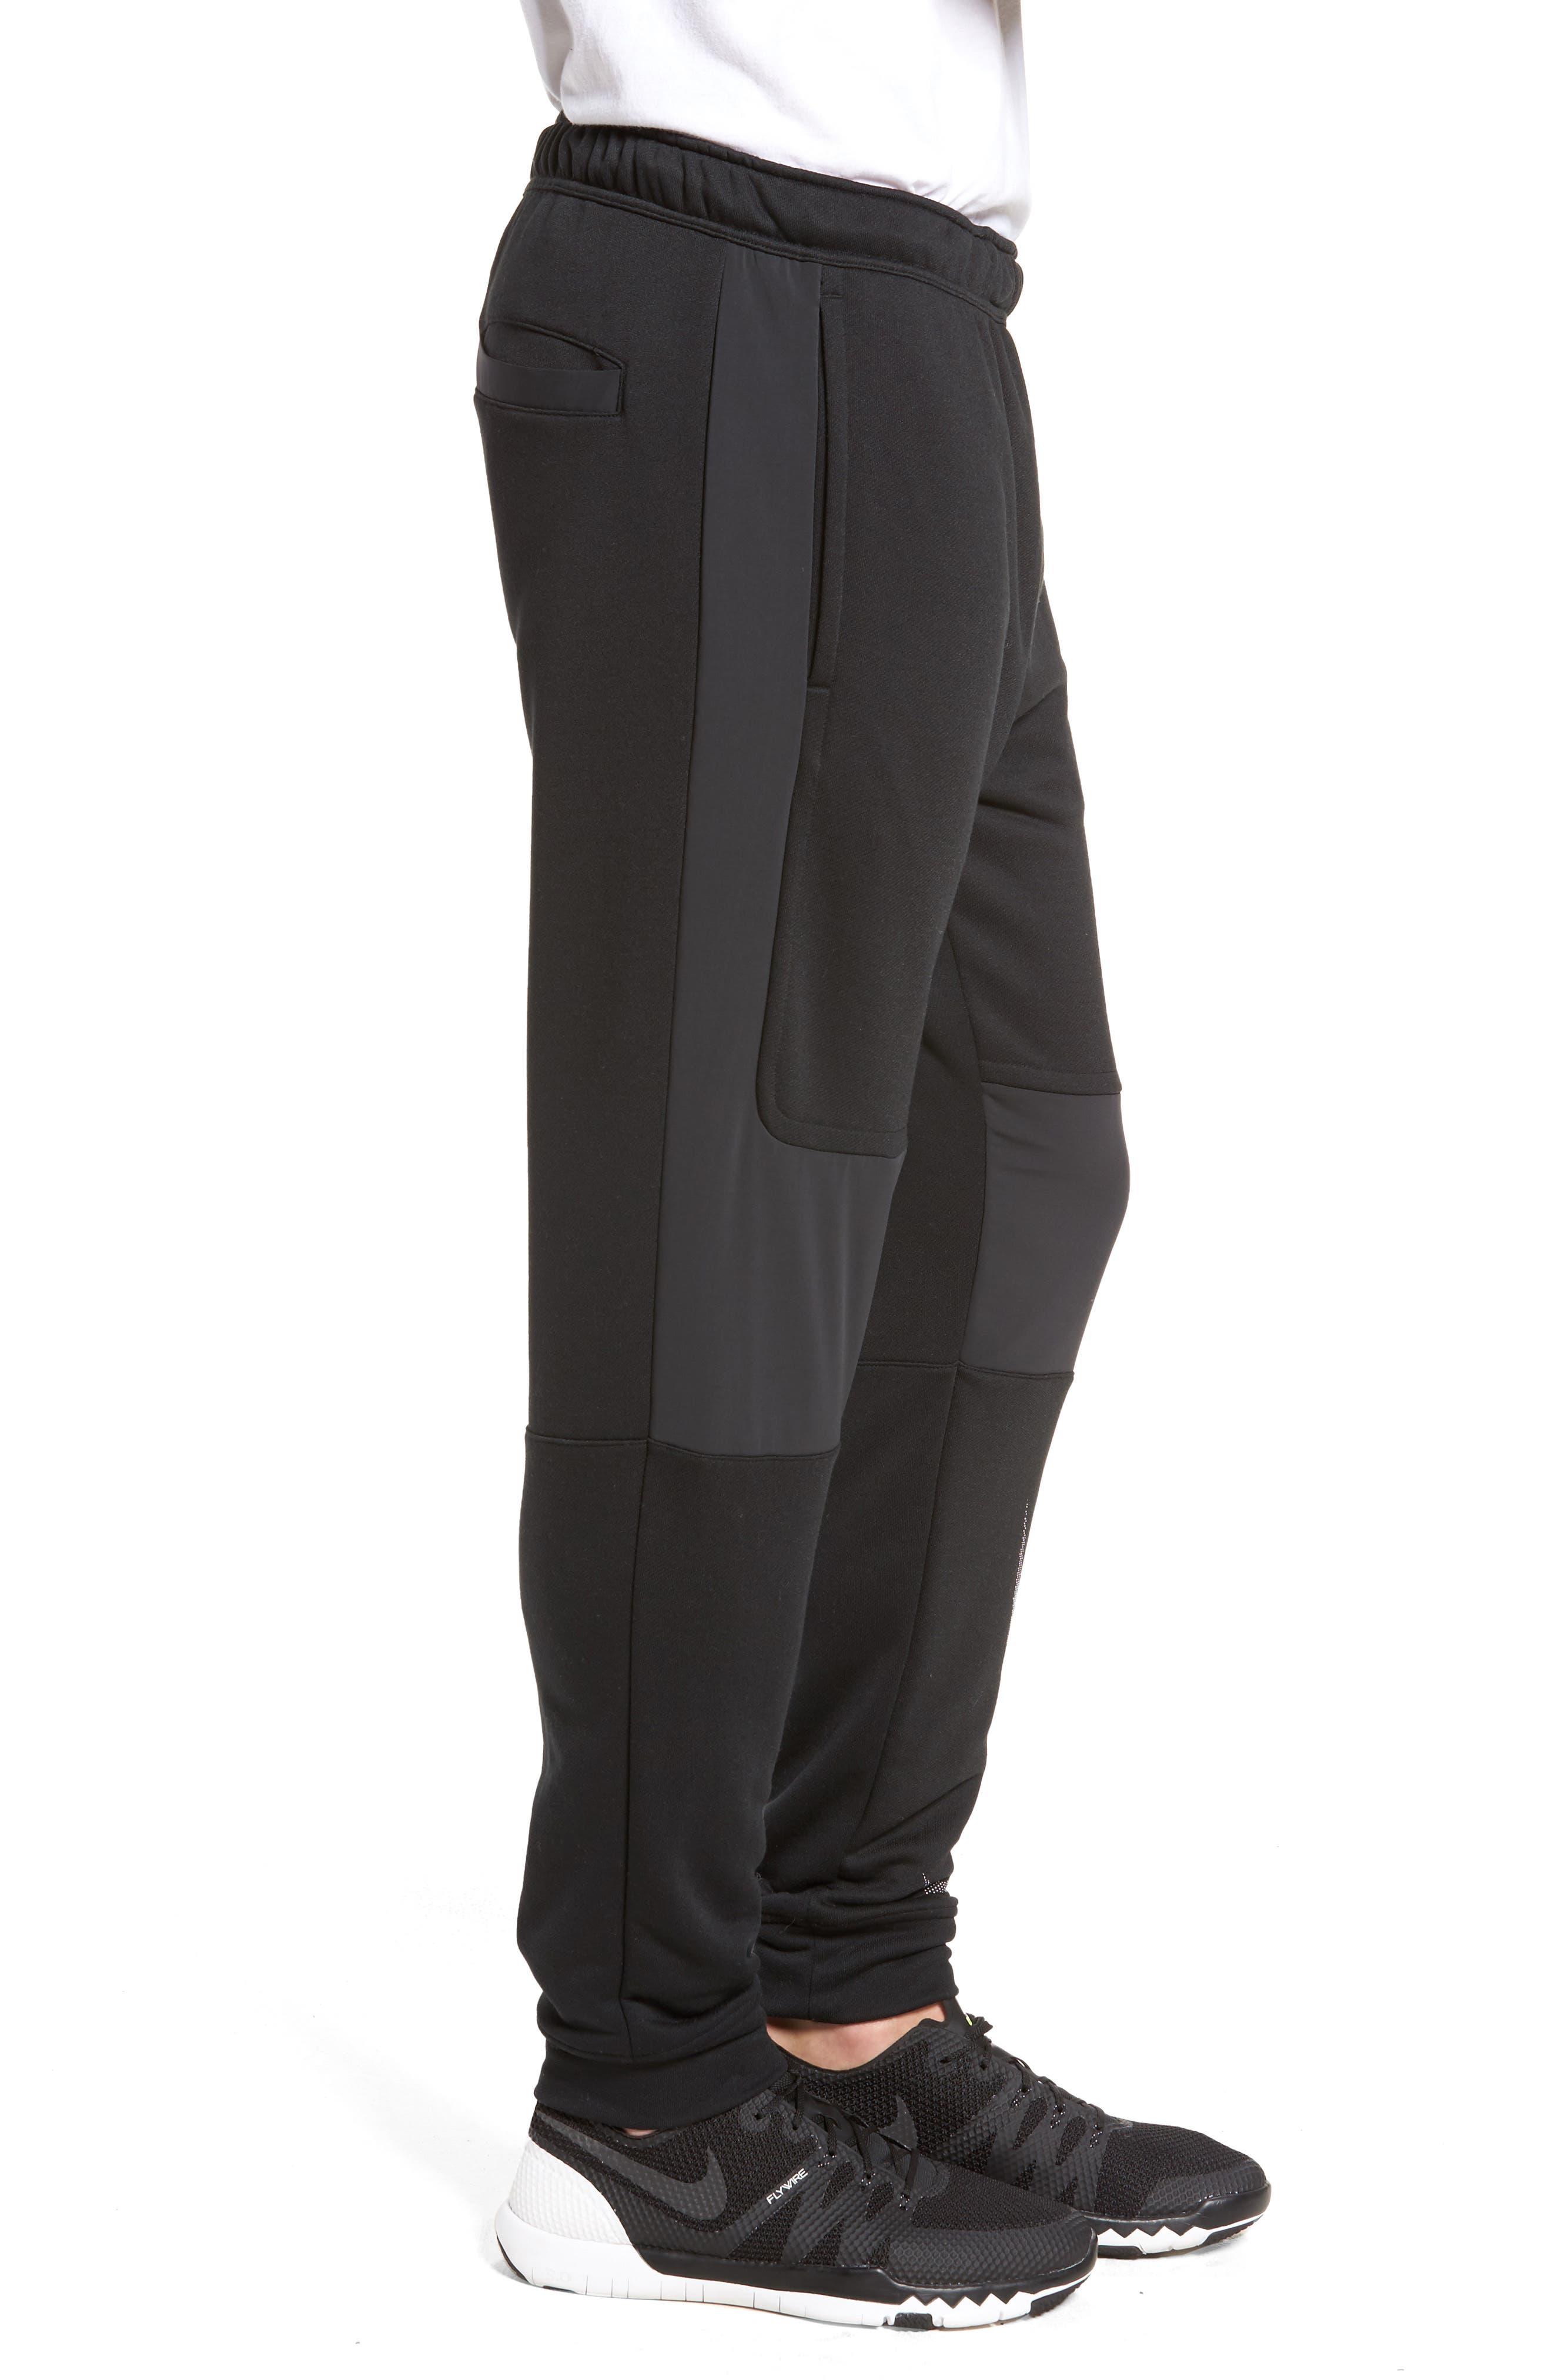 Training Project X Jogger Pants,                             Alternate thumbnail 3, color,                             Black/ Black/ White